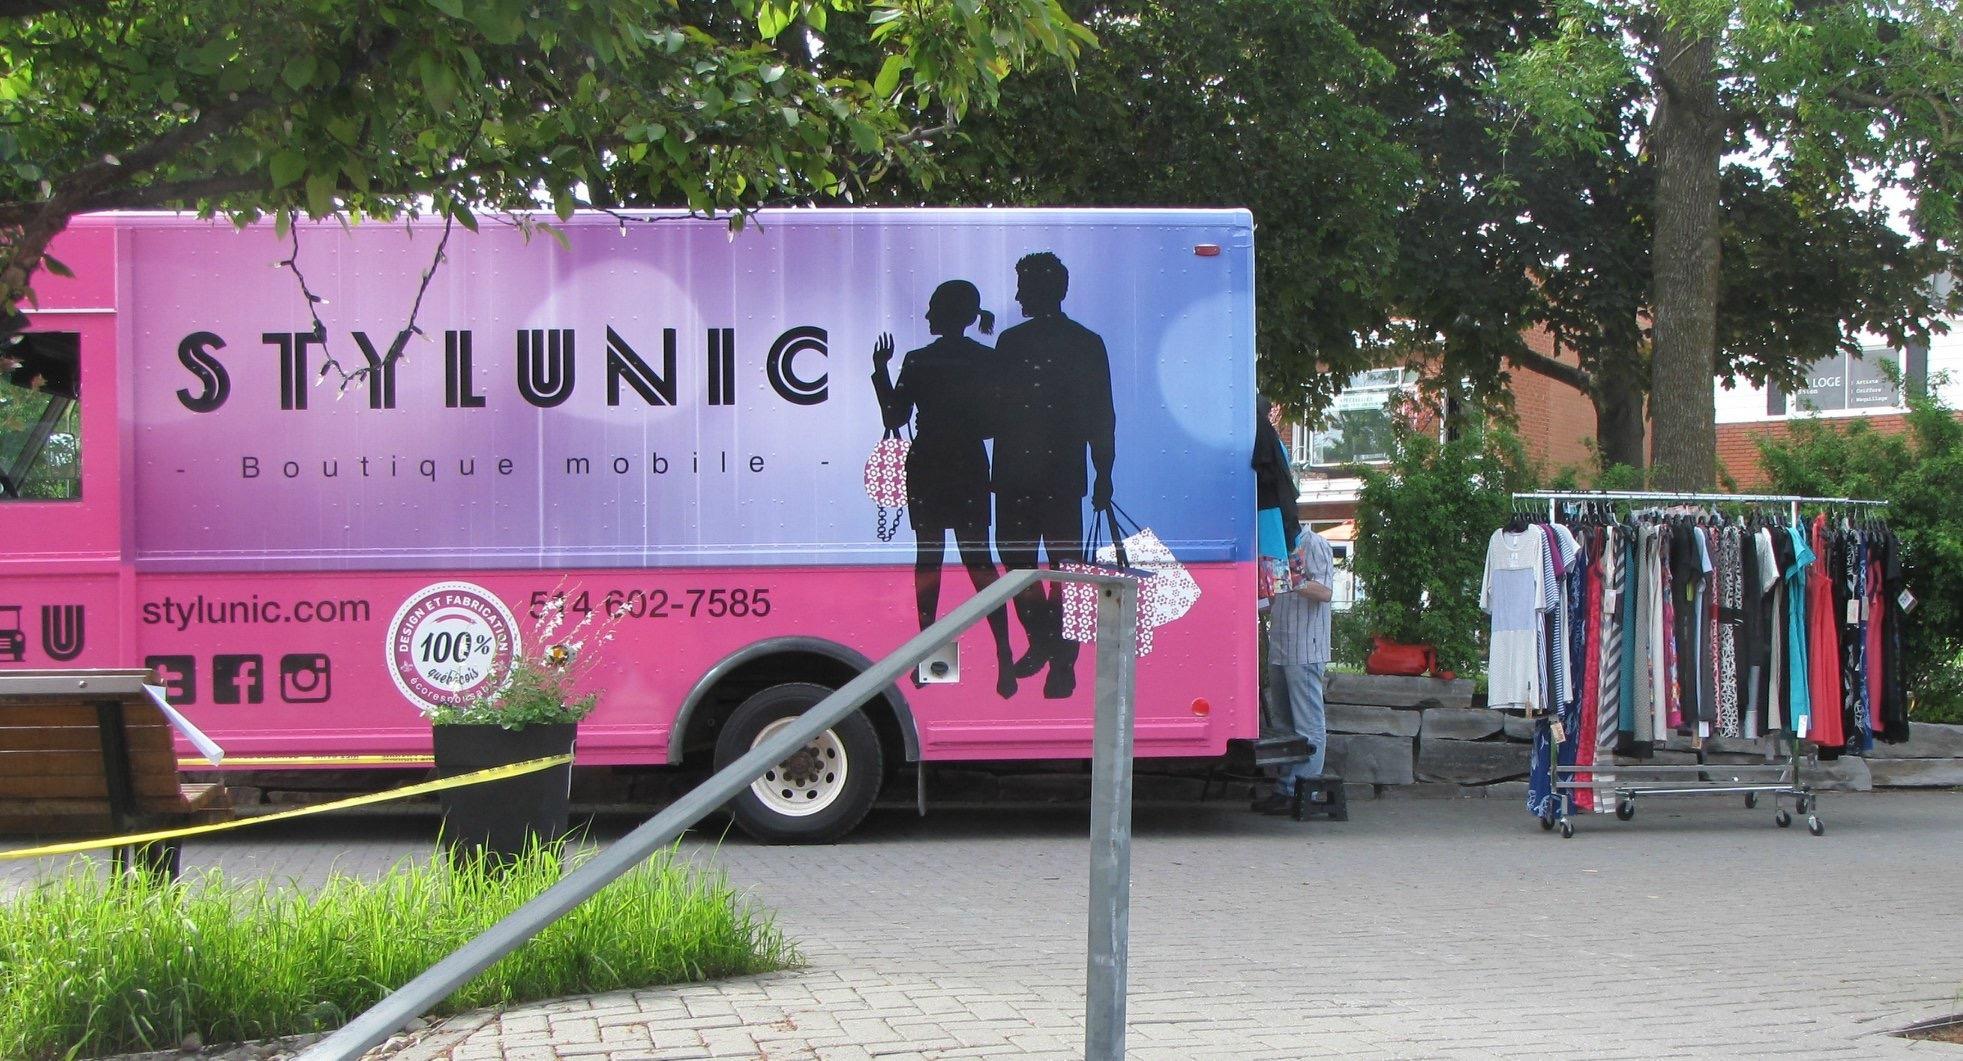 Stylunic-boutique mobile-camion rose-boutique en ligne-mode femme-événements-à la maison-vêtements femme-faits au Québec-Designer québécois-Je suis une maman